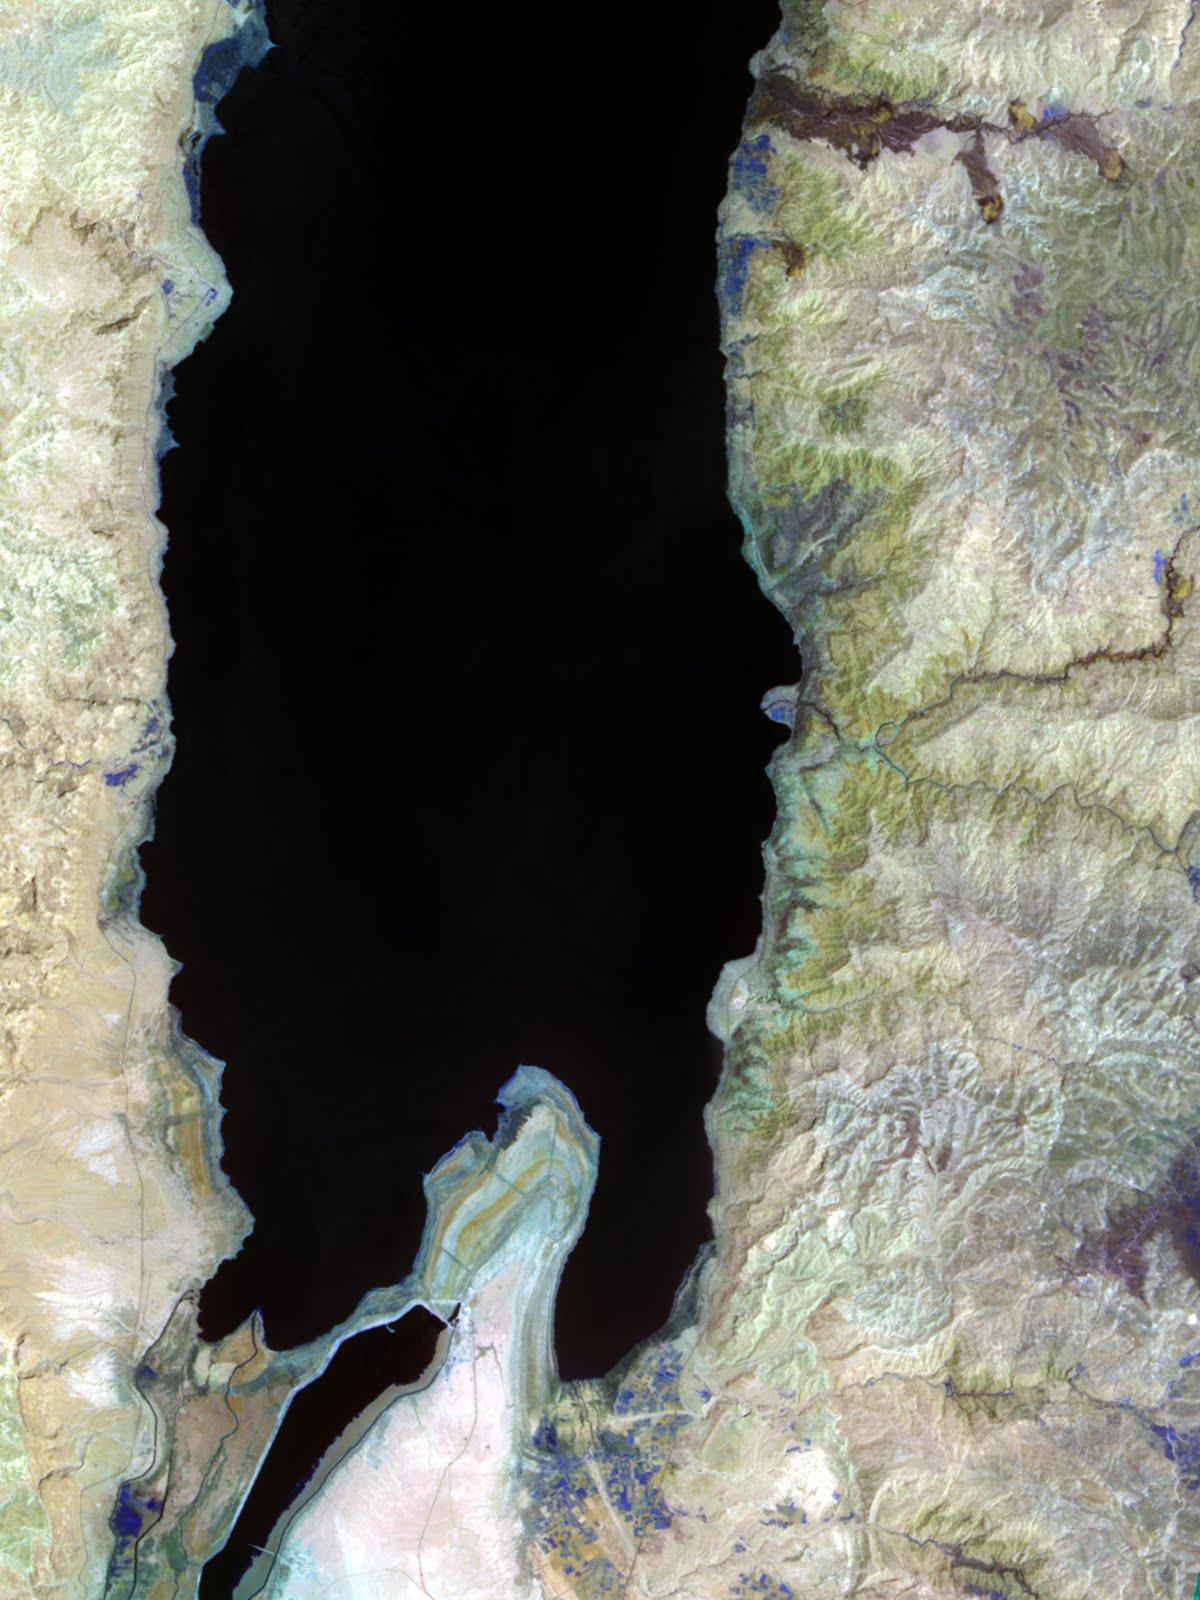 http://4.bp.blogspot.com/-kPYCJpcqdag/TkVdi2C5TUI/AAAAAAAAAB8/jJ6hJuhApos/s1600/nasa+satellite_dead+sea.jpg